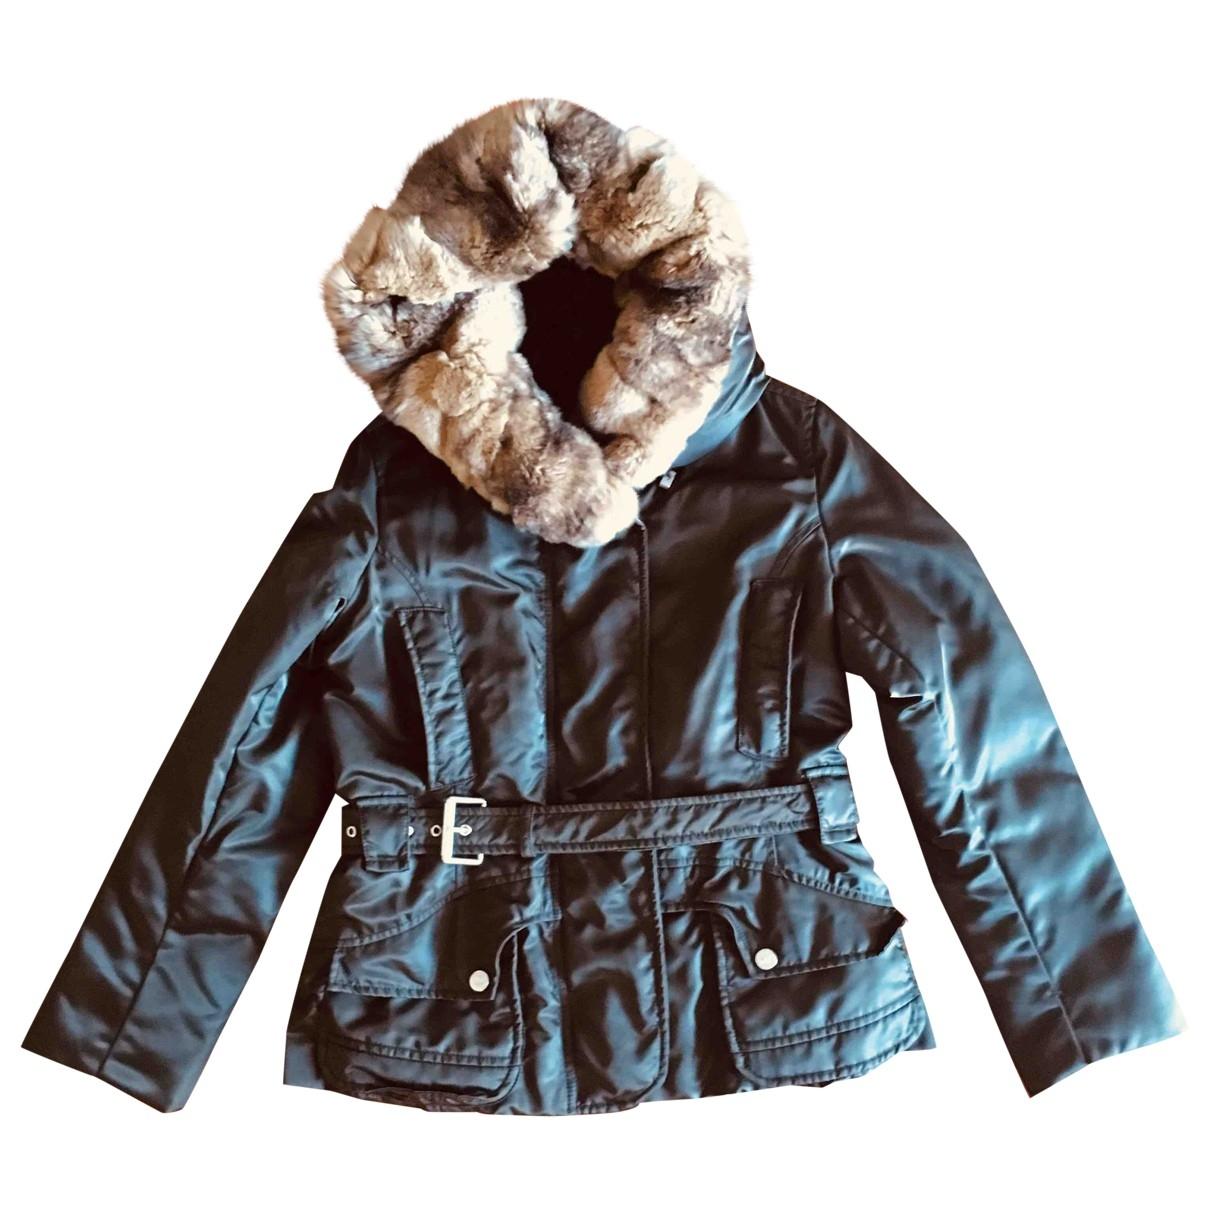 Max Mara Weekend \N Brown jacket for Women 42 IT